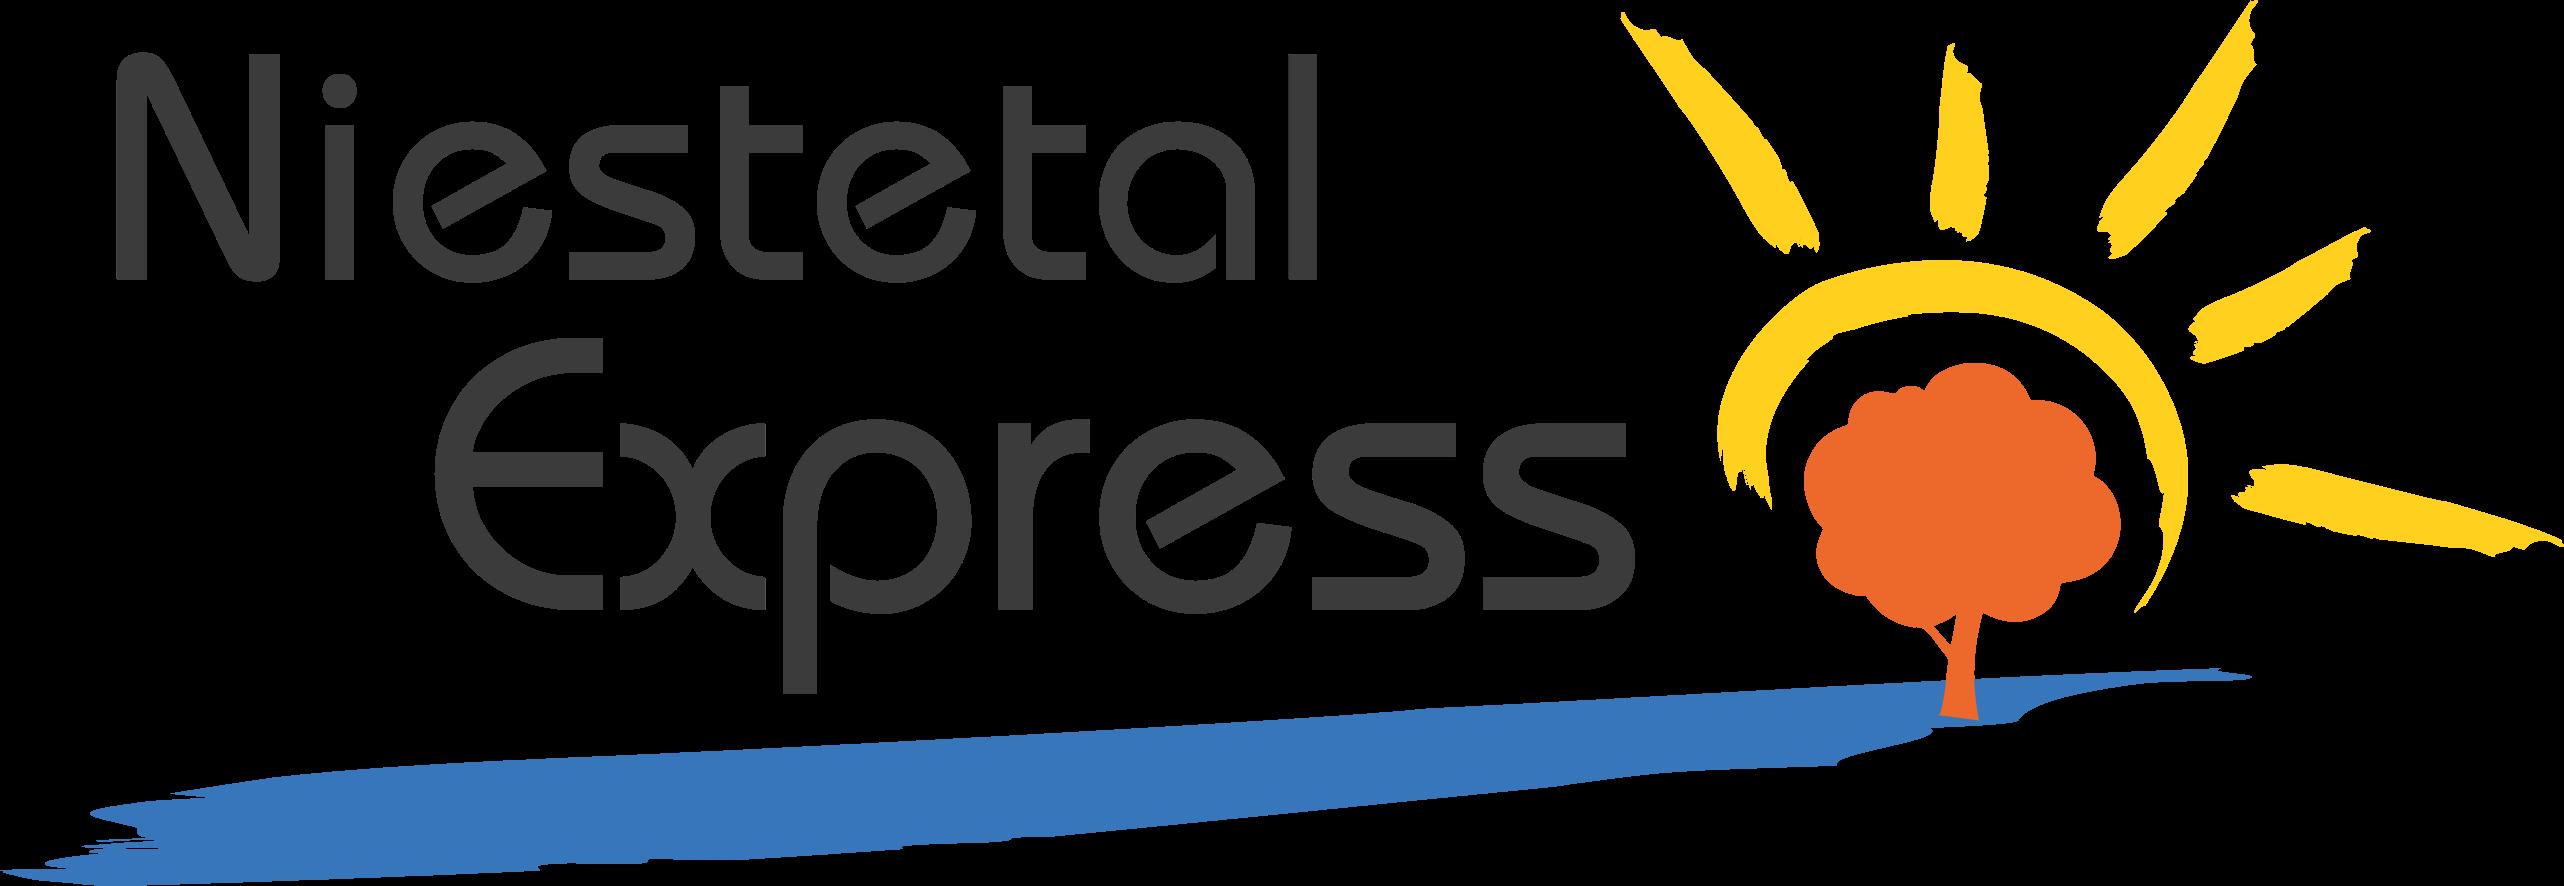 Niestetal Express